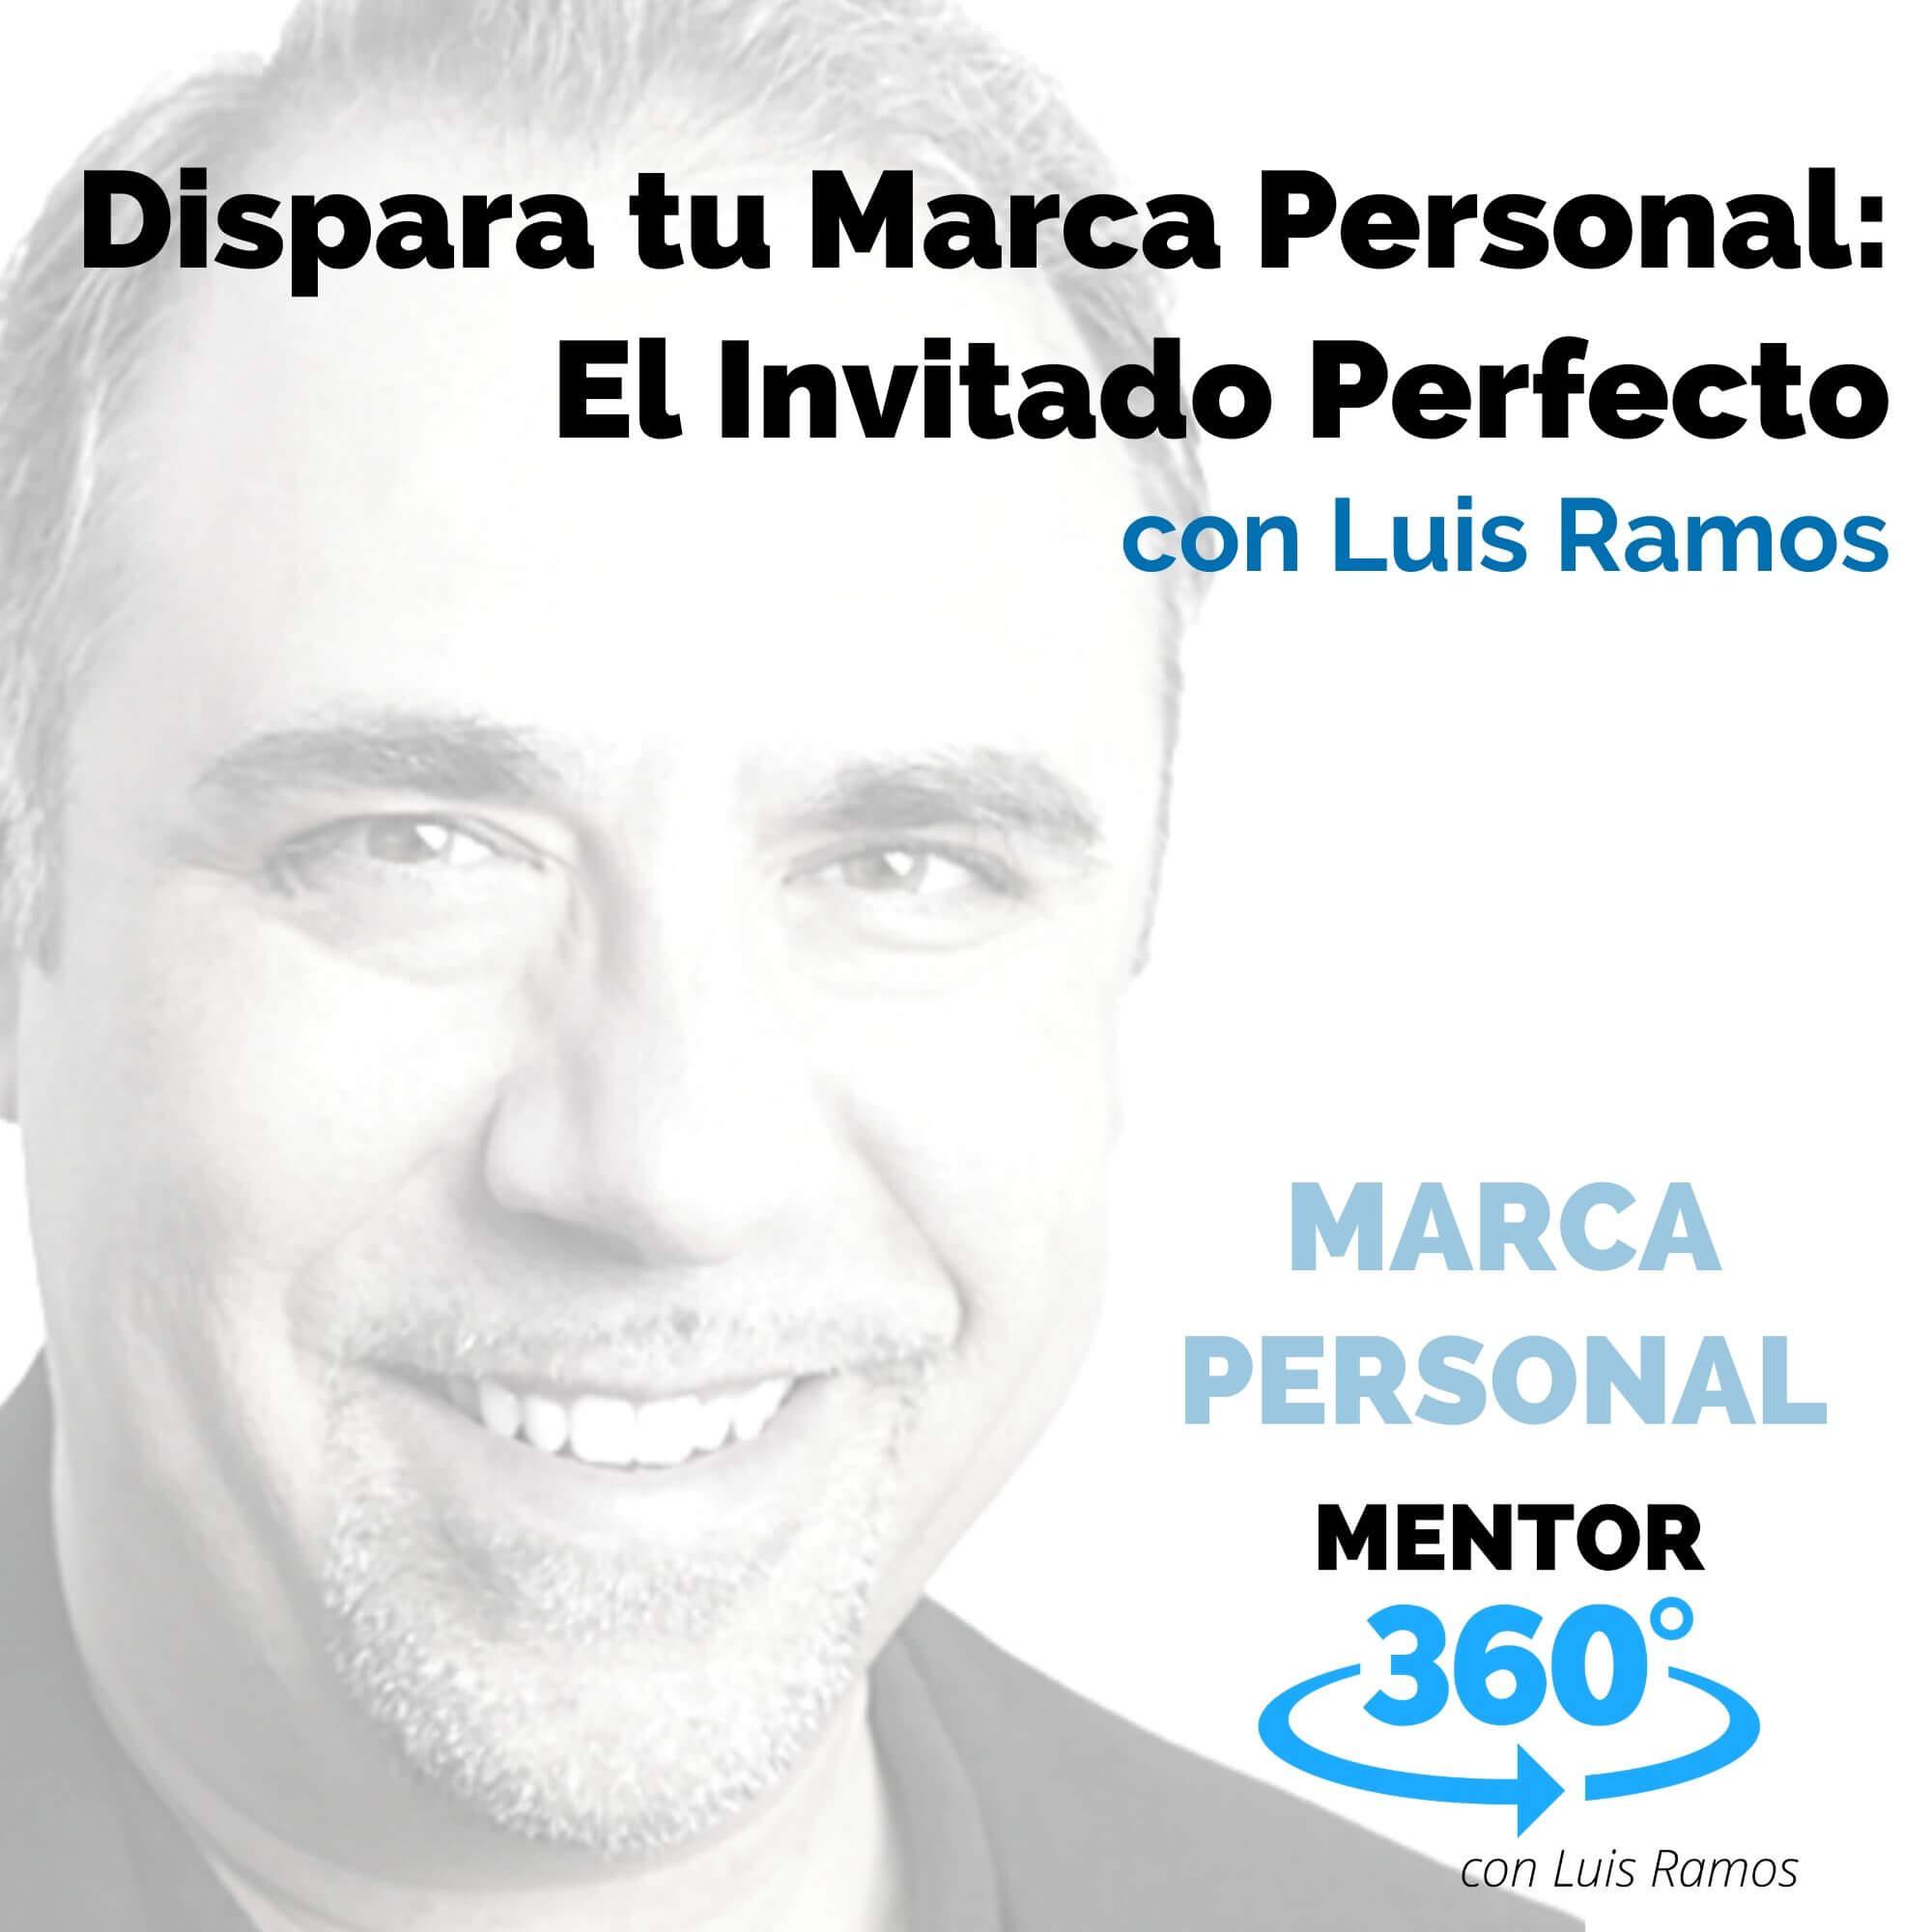 Dispara Tu Marca Personal 2: El Invitado Perfecto